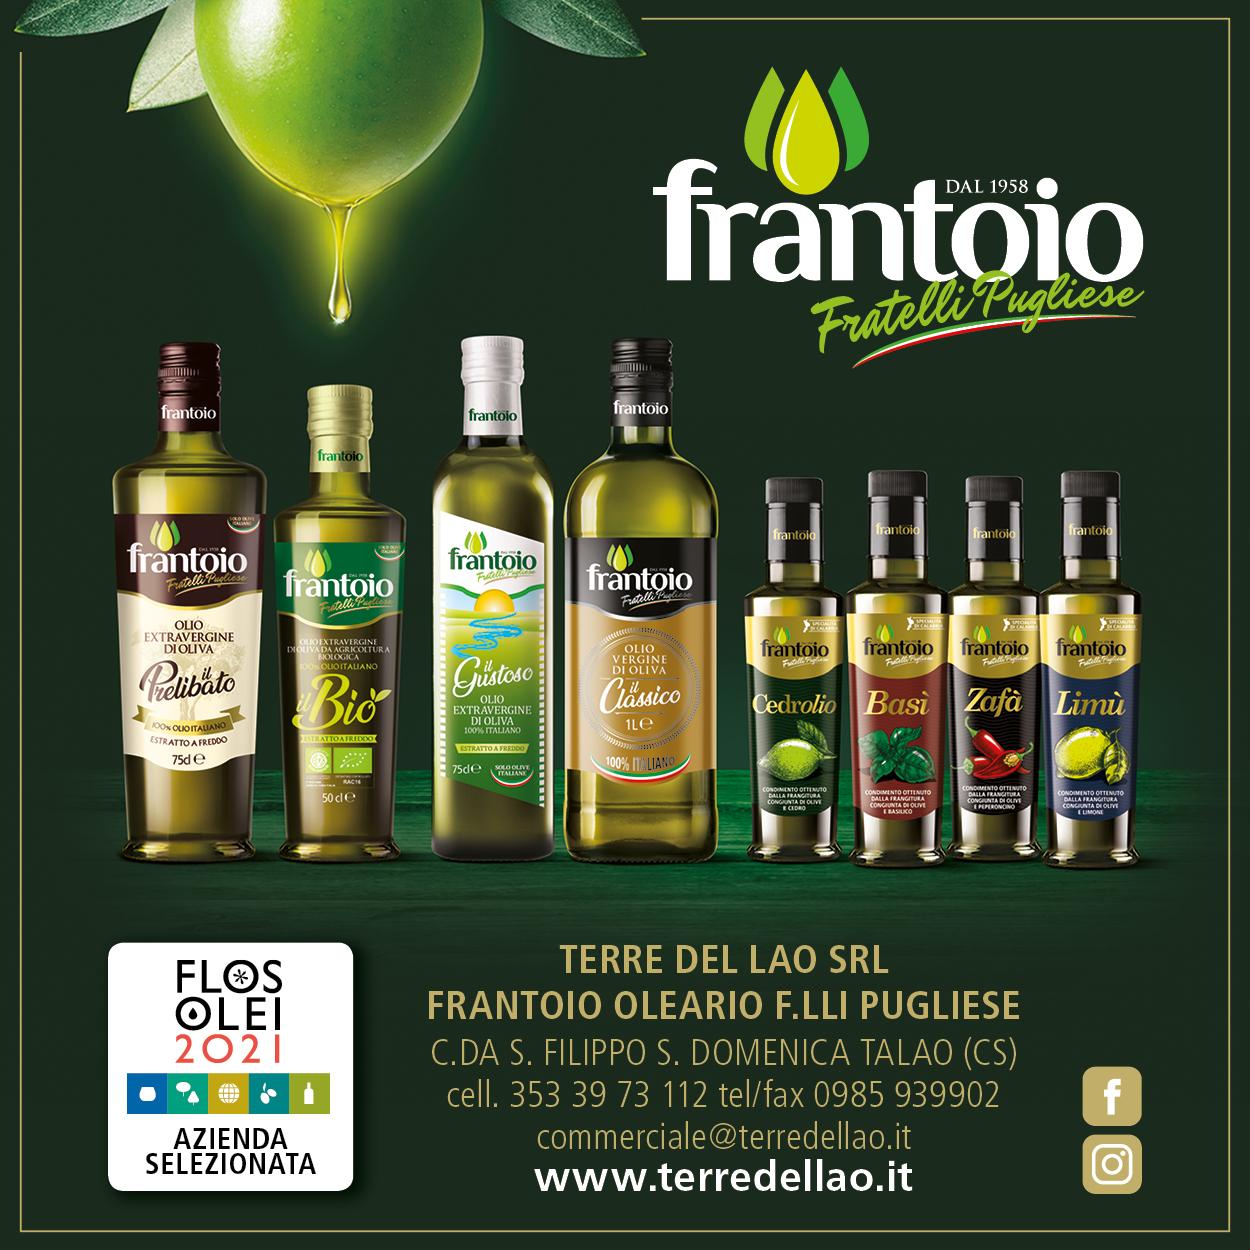 Frantoio F.lli Pugliese